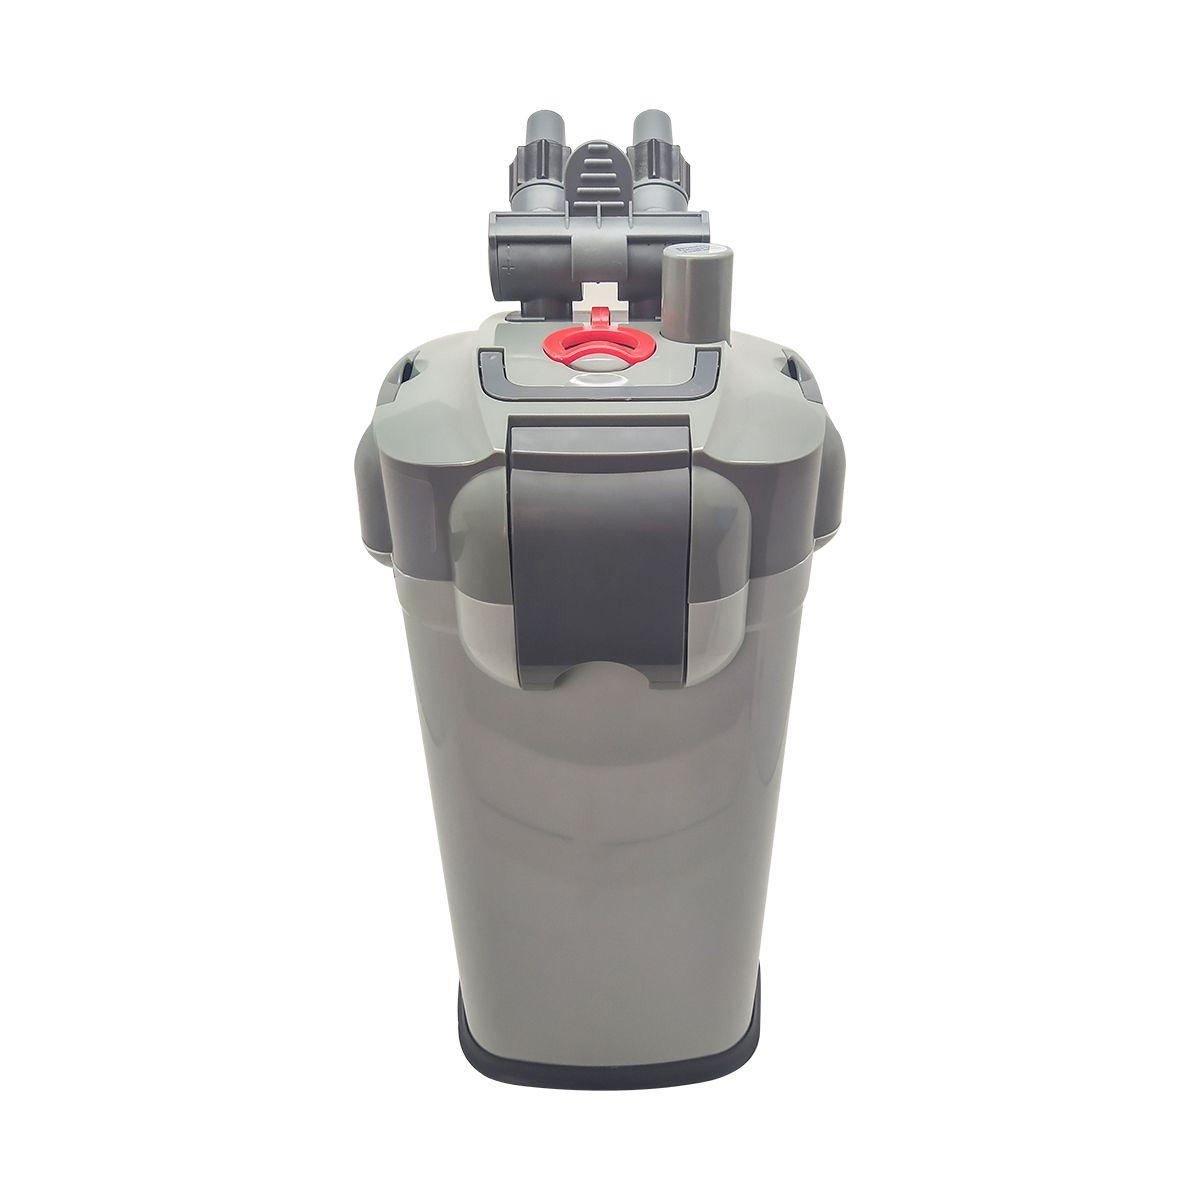 Filtro Hopar Canister C/ Uv De 9w 3318 1800l/h 110v + Brinde